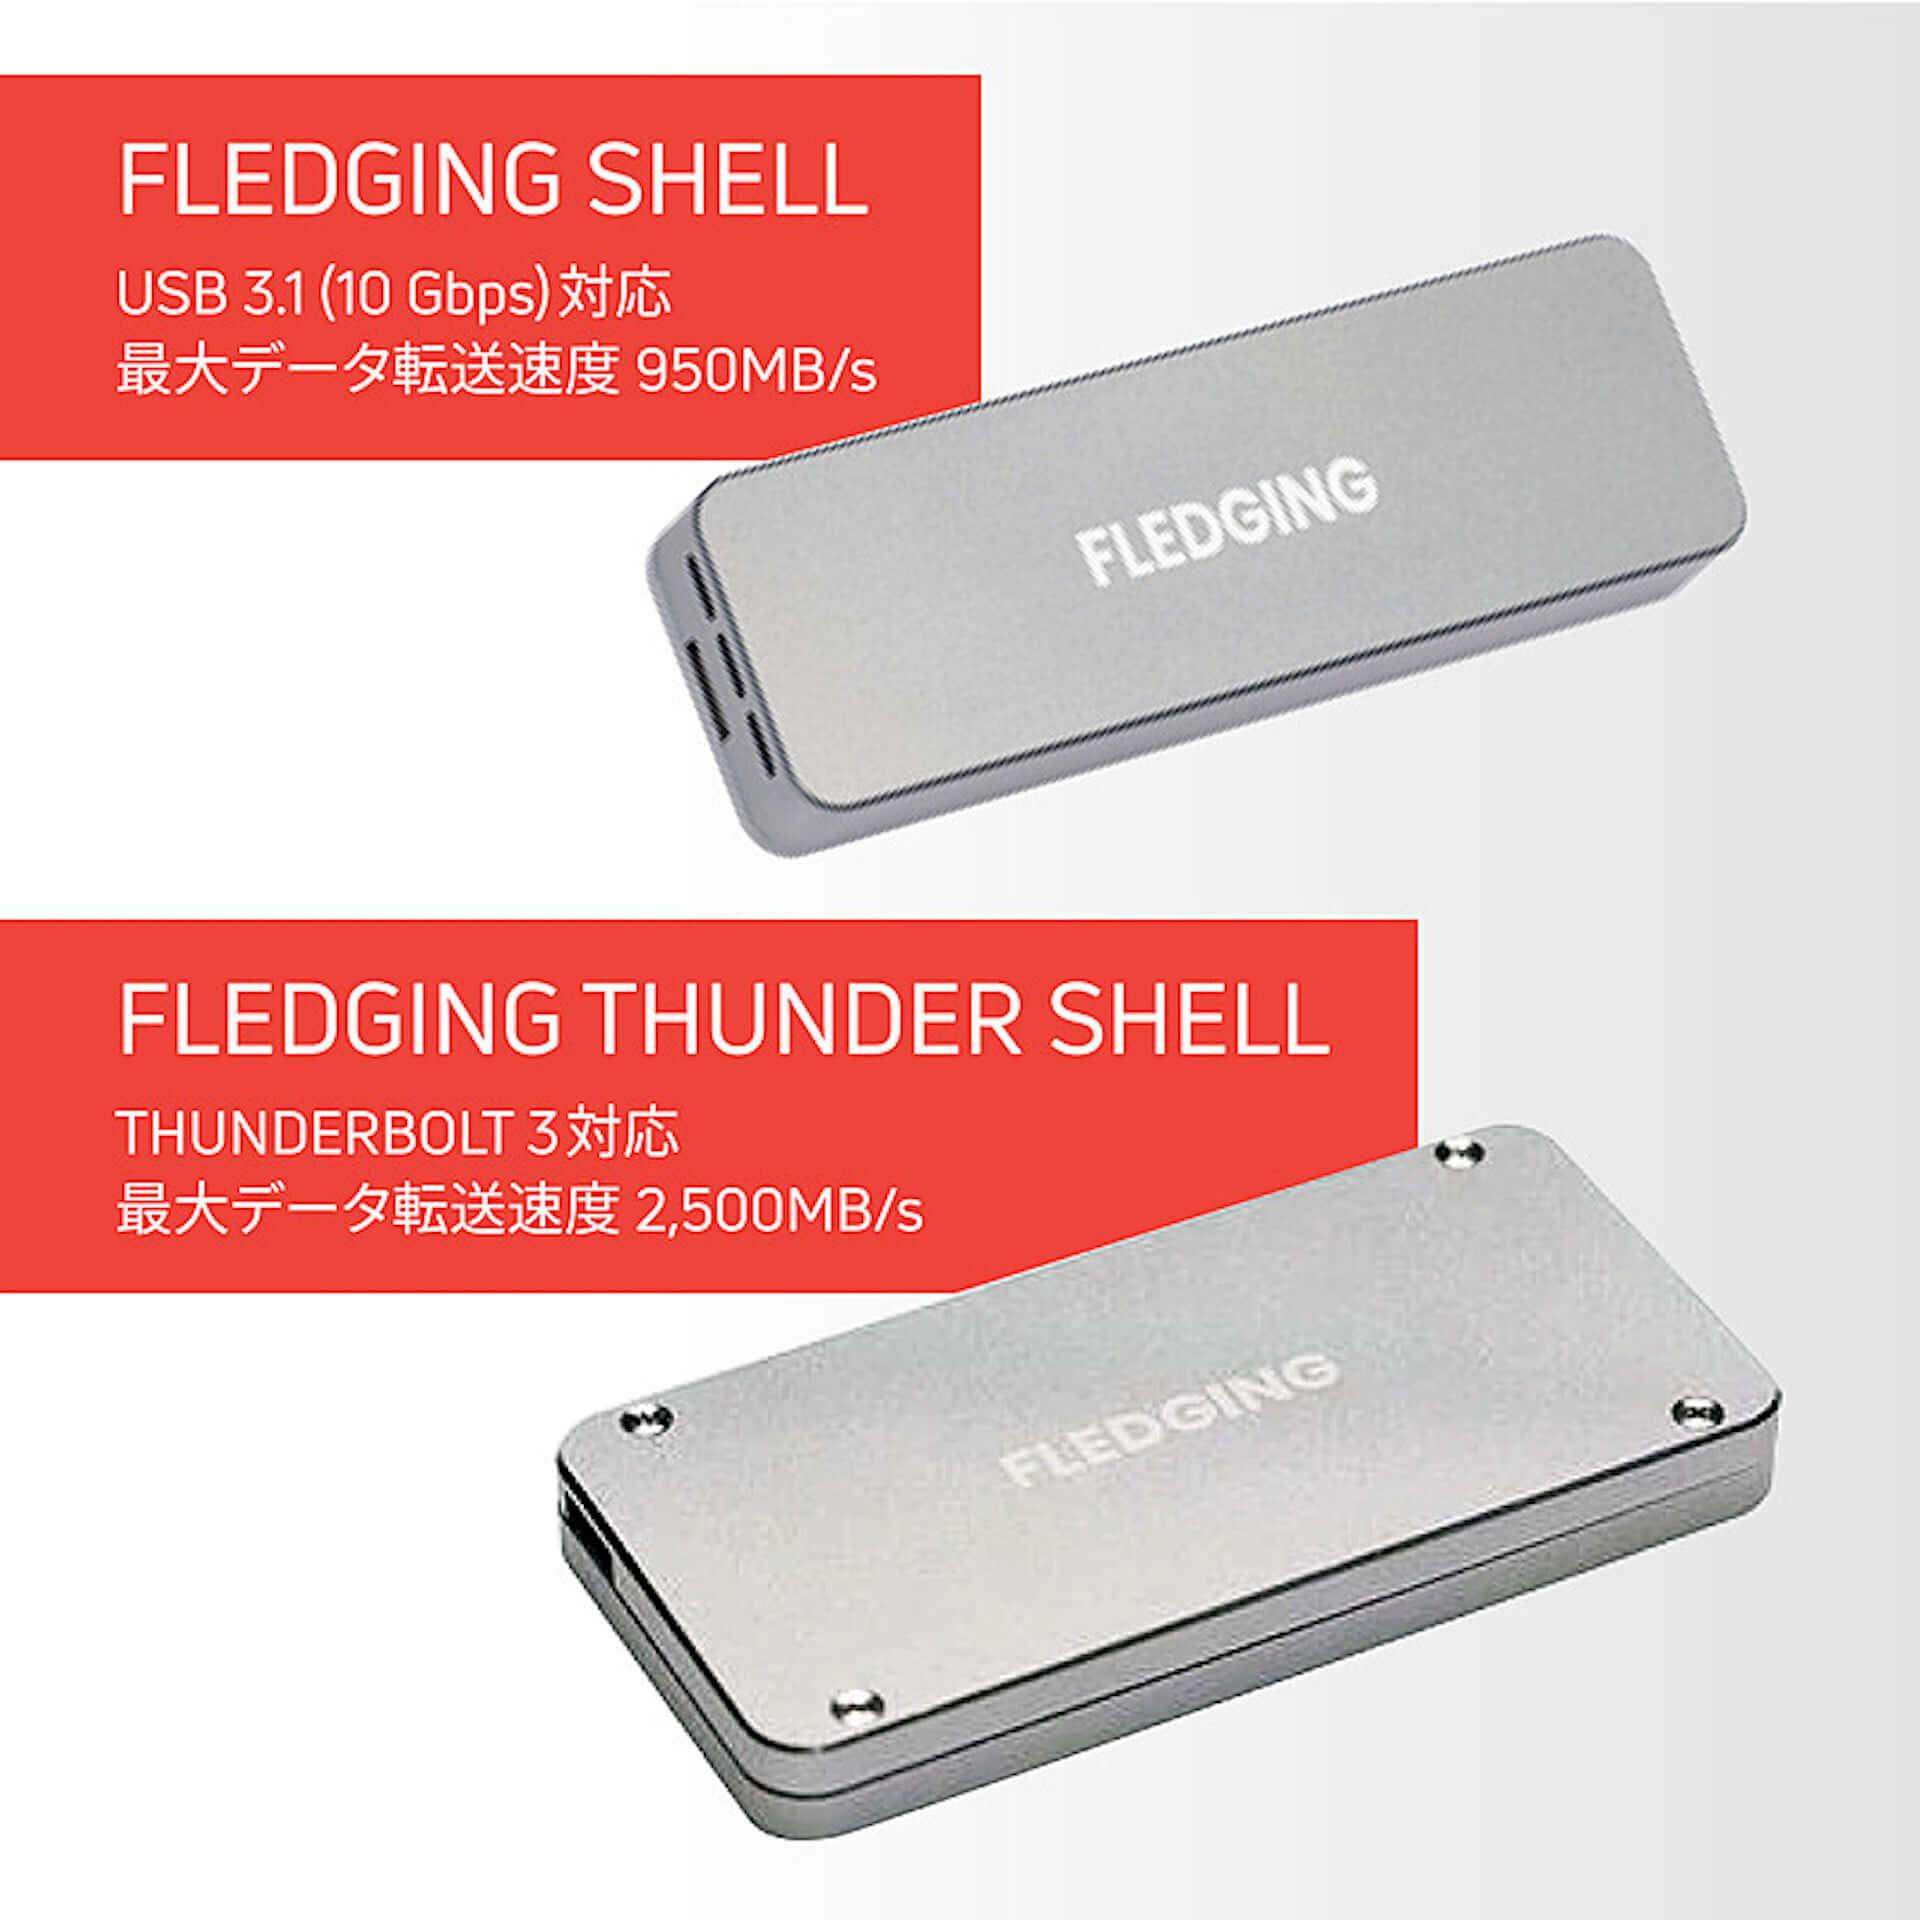 USBポートのあるすべての端末と接続可能!世界最速の外部ストレージデバイス「FLEDGING SHELL」がGLOTUREに登場 tech190910_fledgingshell_8-1920x1920